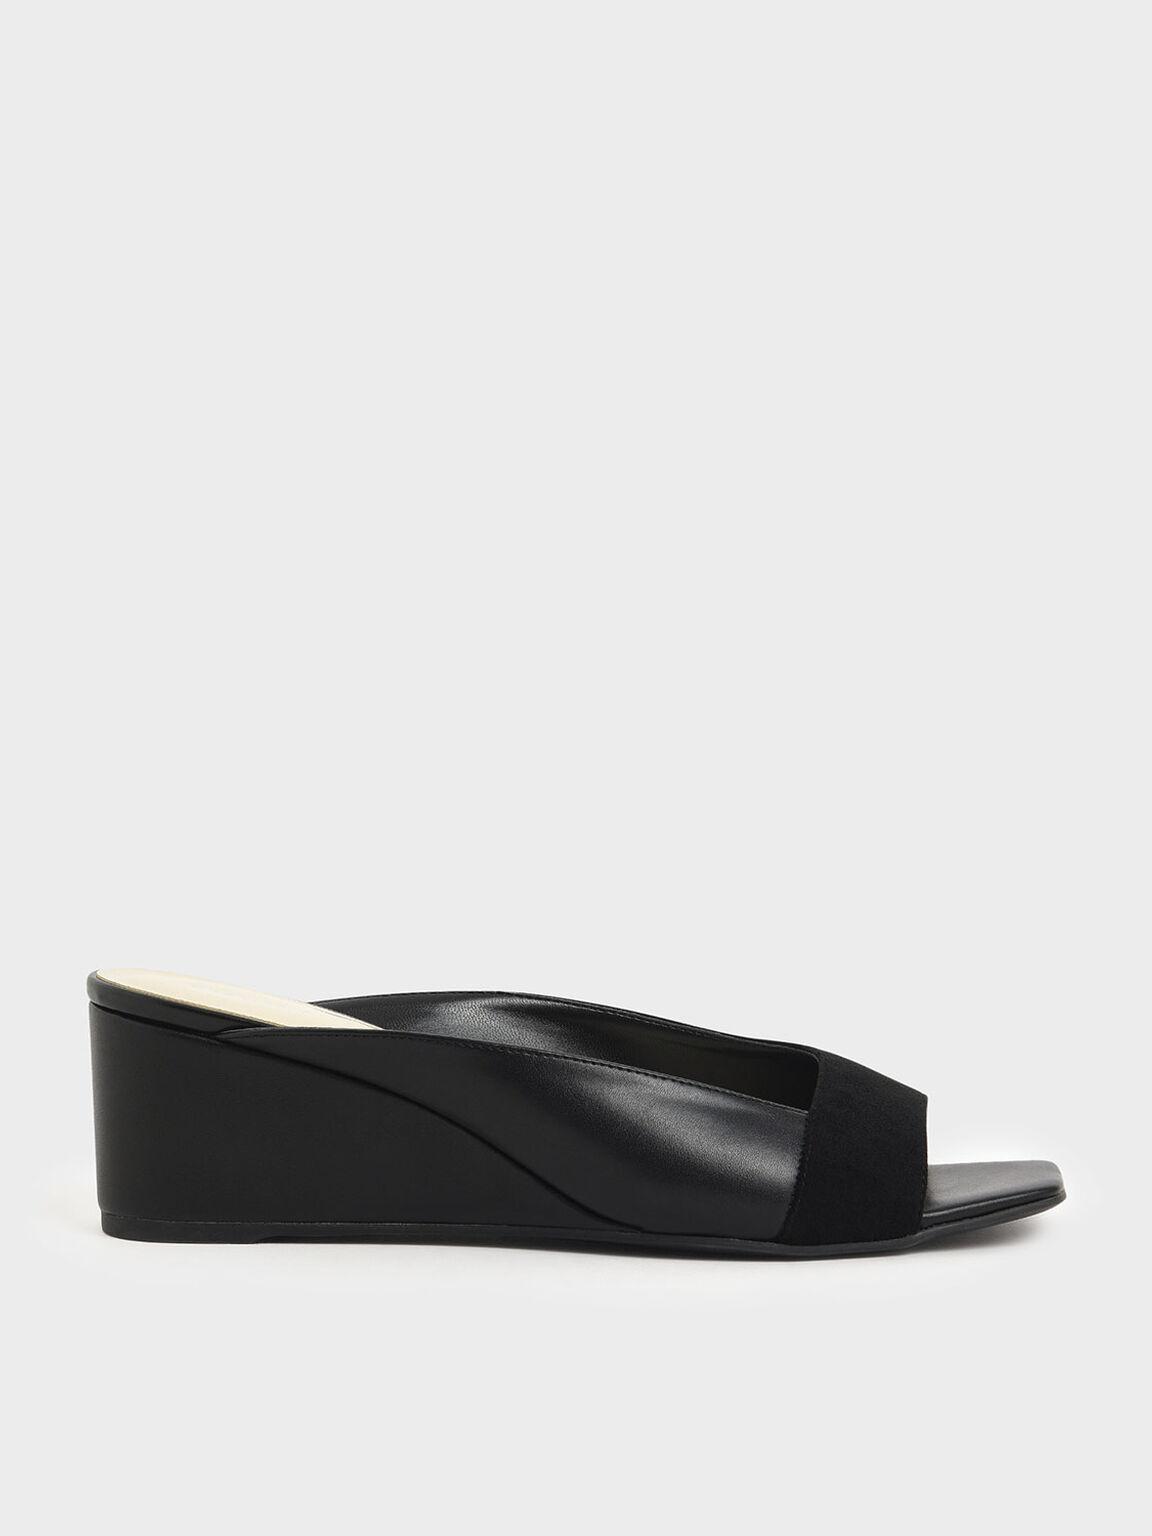 方頭楔型拖鞋, 黑色, hi-res